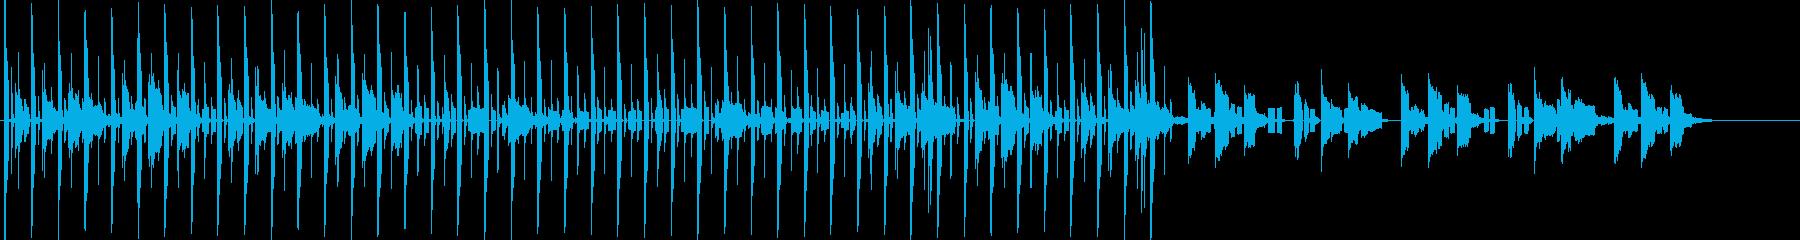 リズミカルなビートと落ち着きのあるBGMの再生済みの波形